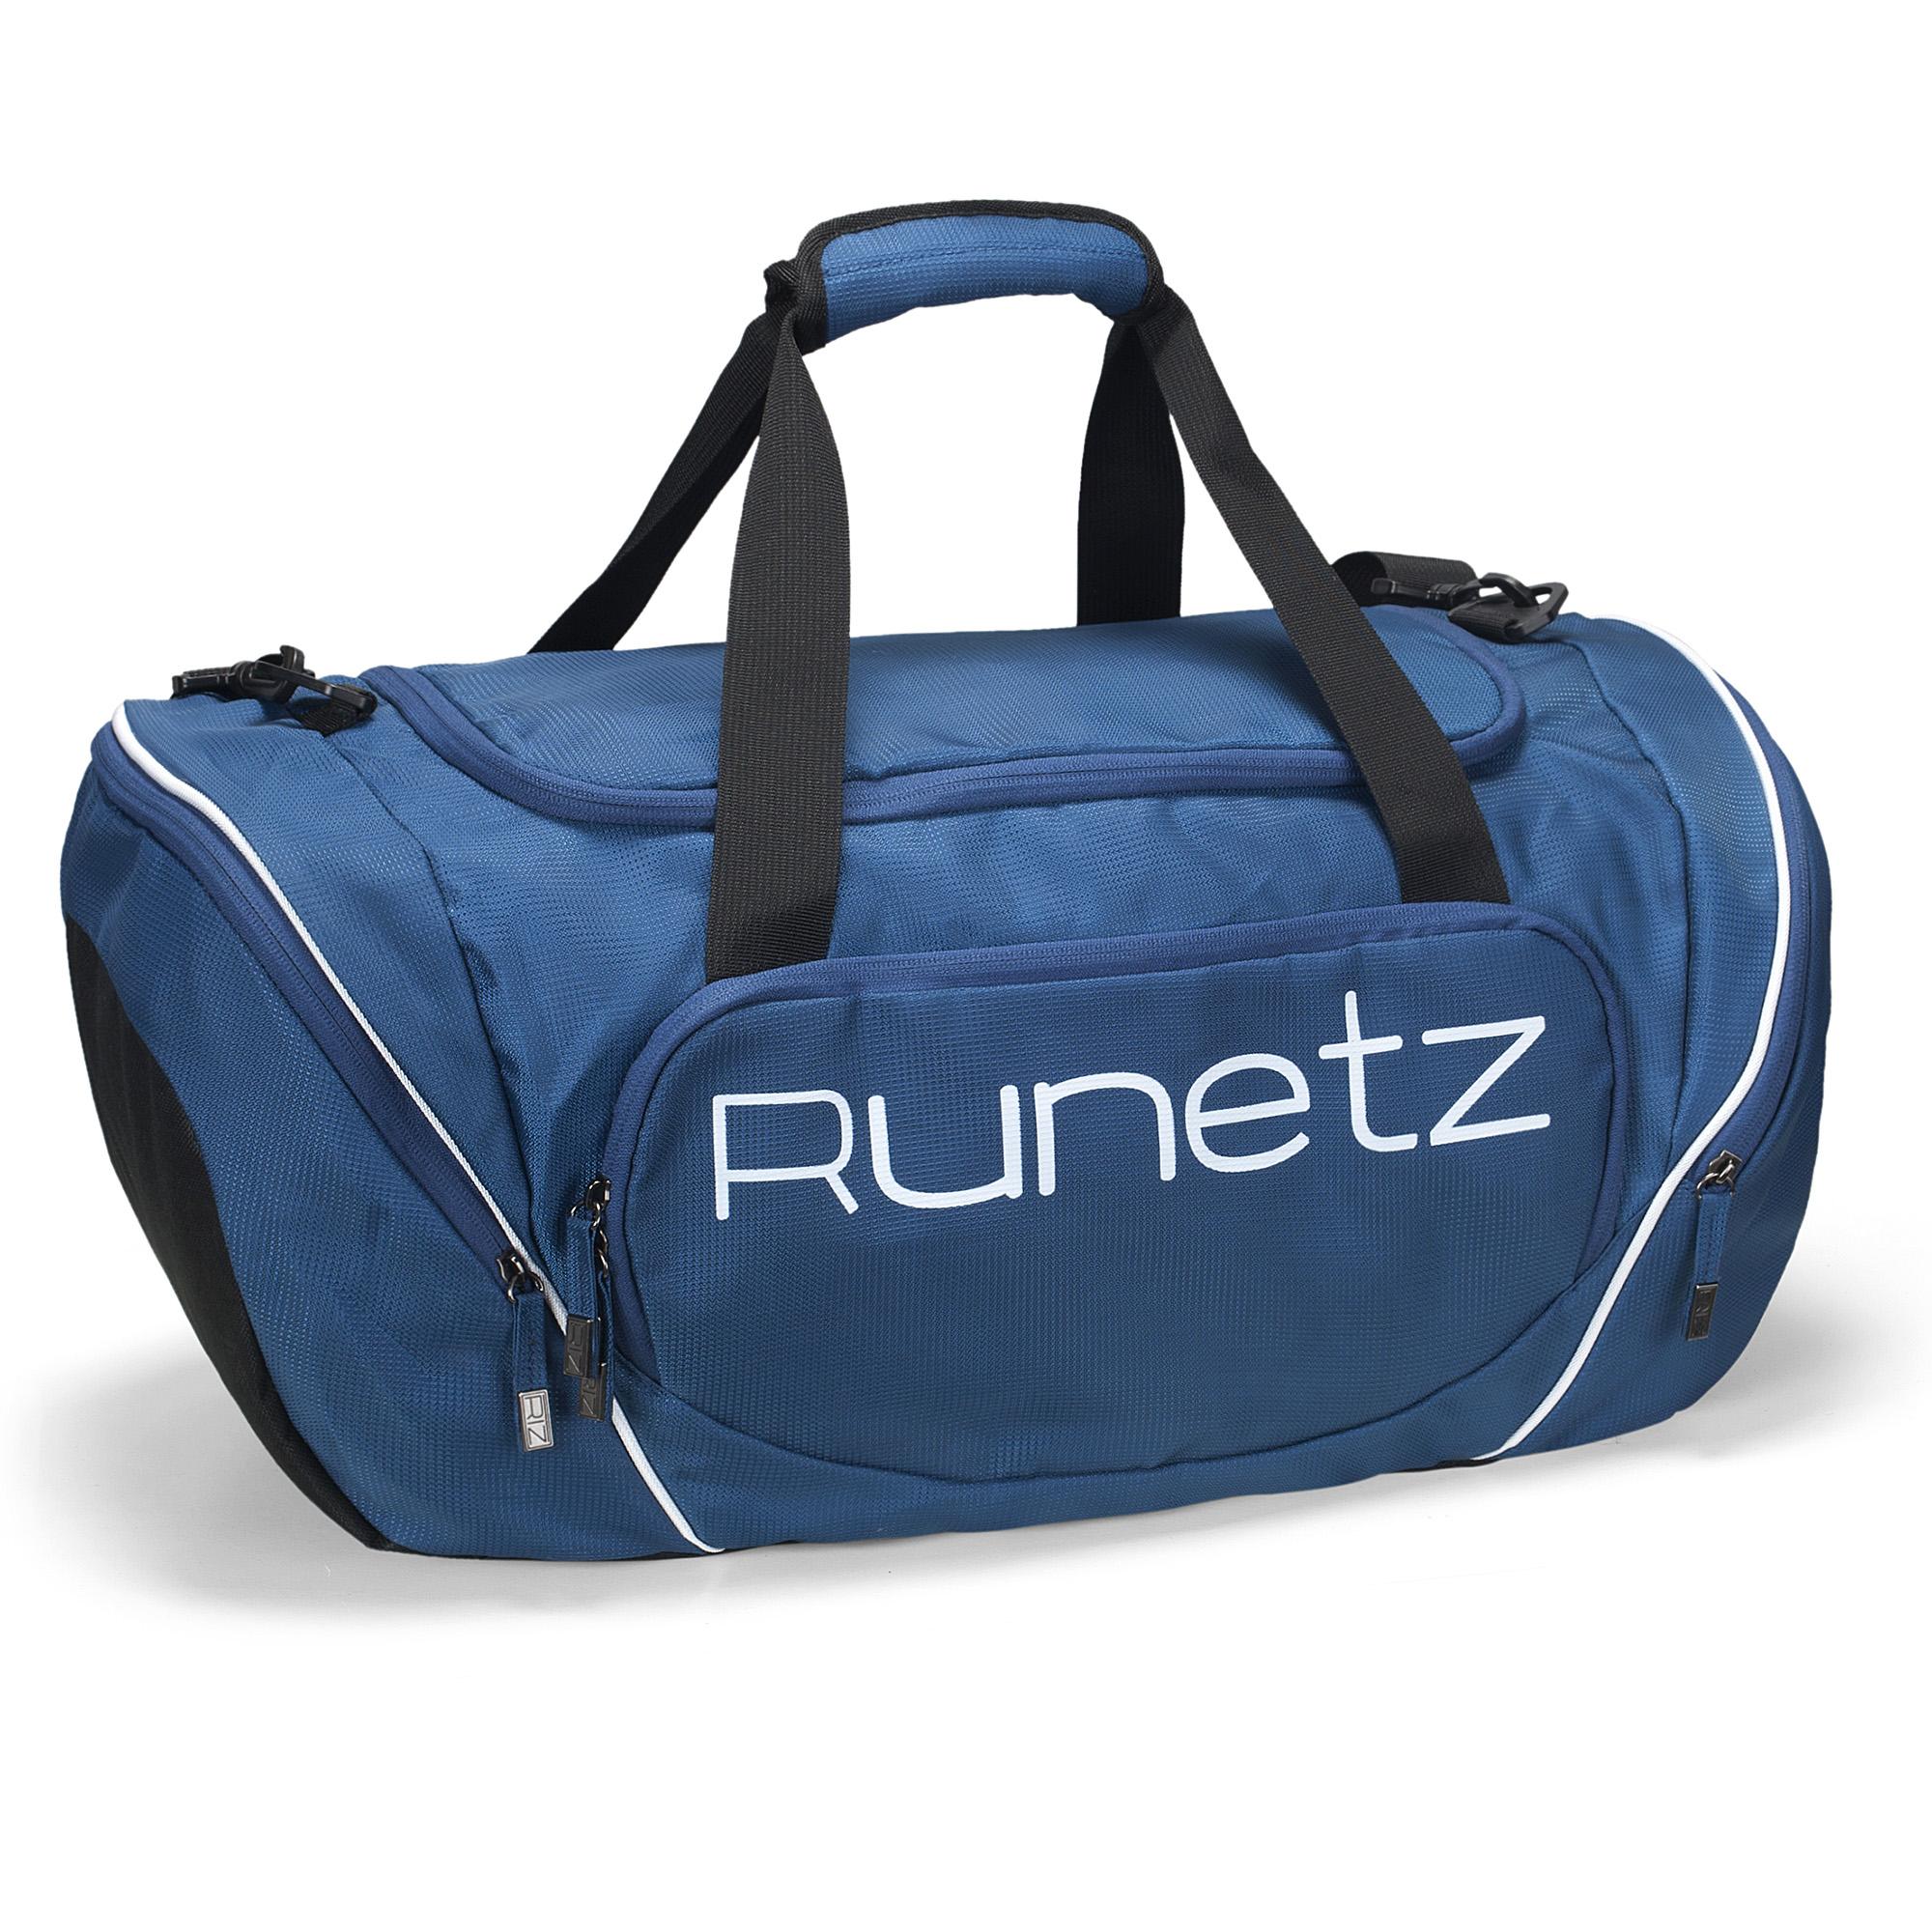 Details about Runetz - Gym Sport Shoulder Bag for Men Women Duffel 20